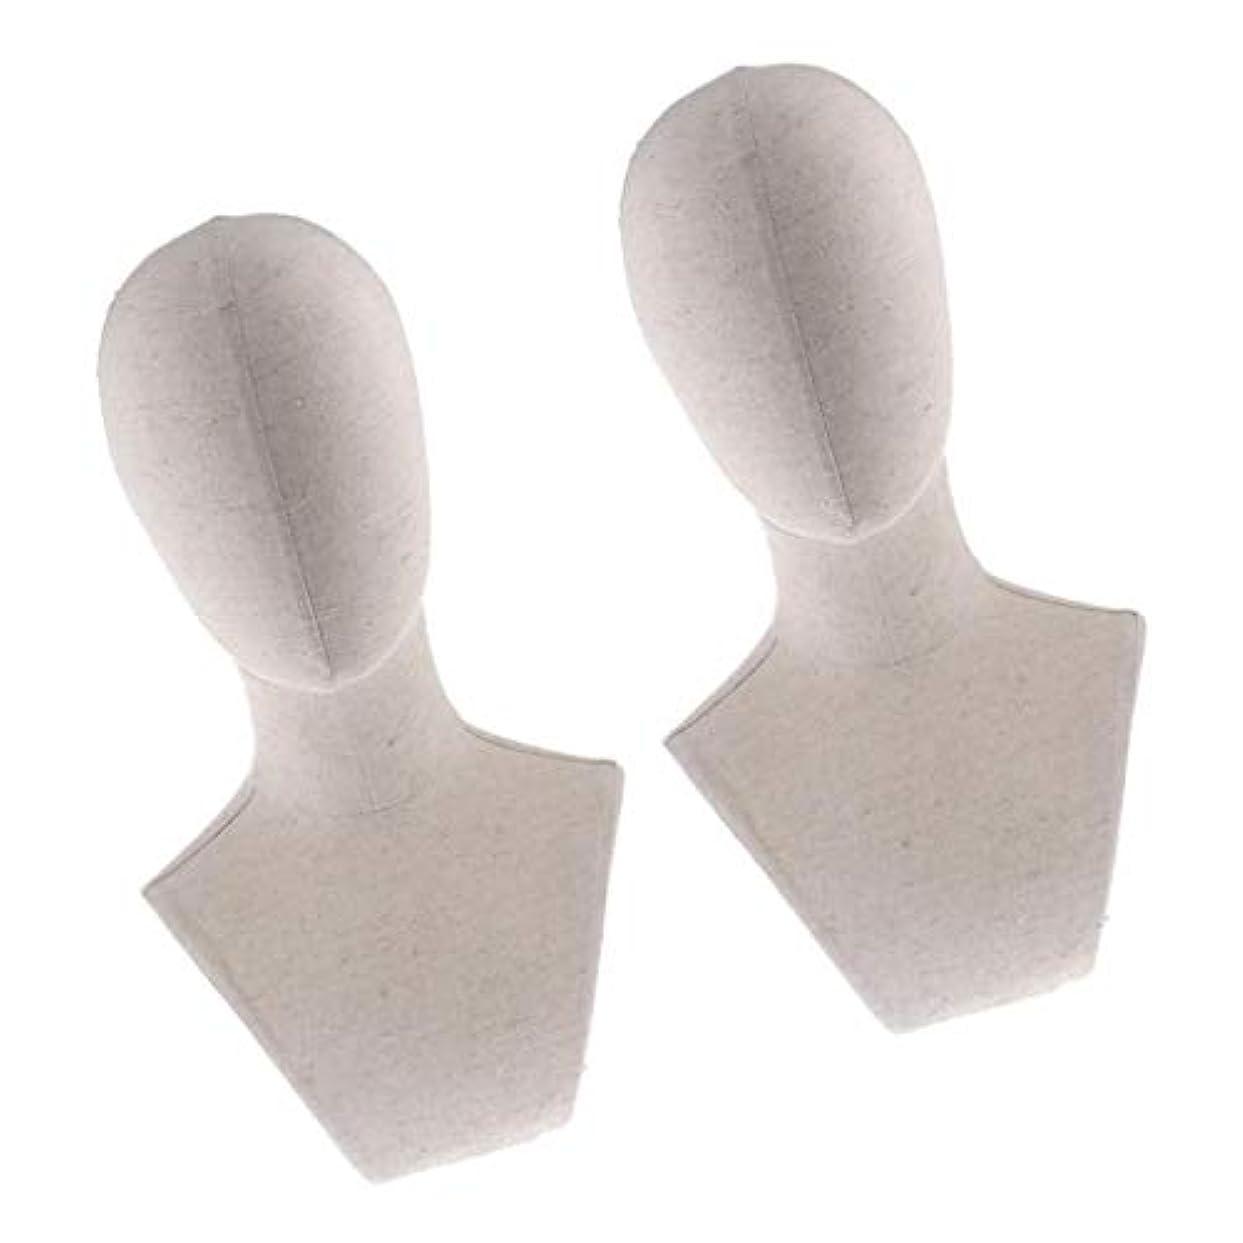 特に成熟した期待Perfeclan マネキンヘッド ウィッグスタンド練習 頭部 女性ウィッグマネキン ディスプレイ 帽子スタンド 2個入り